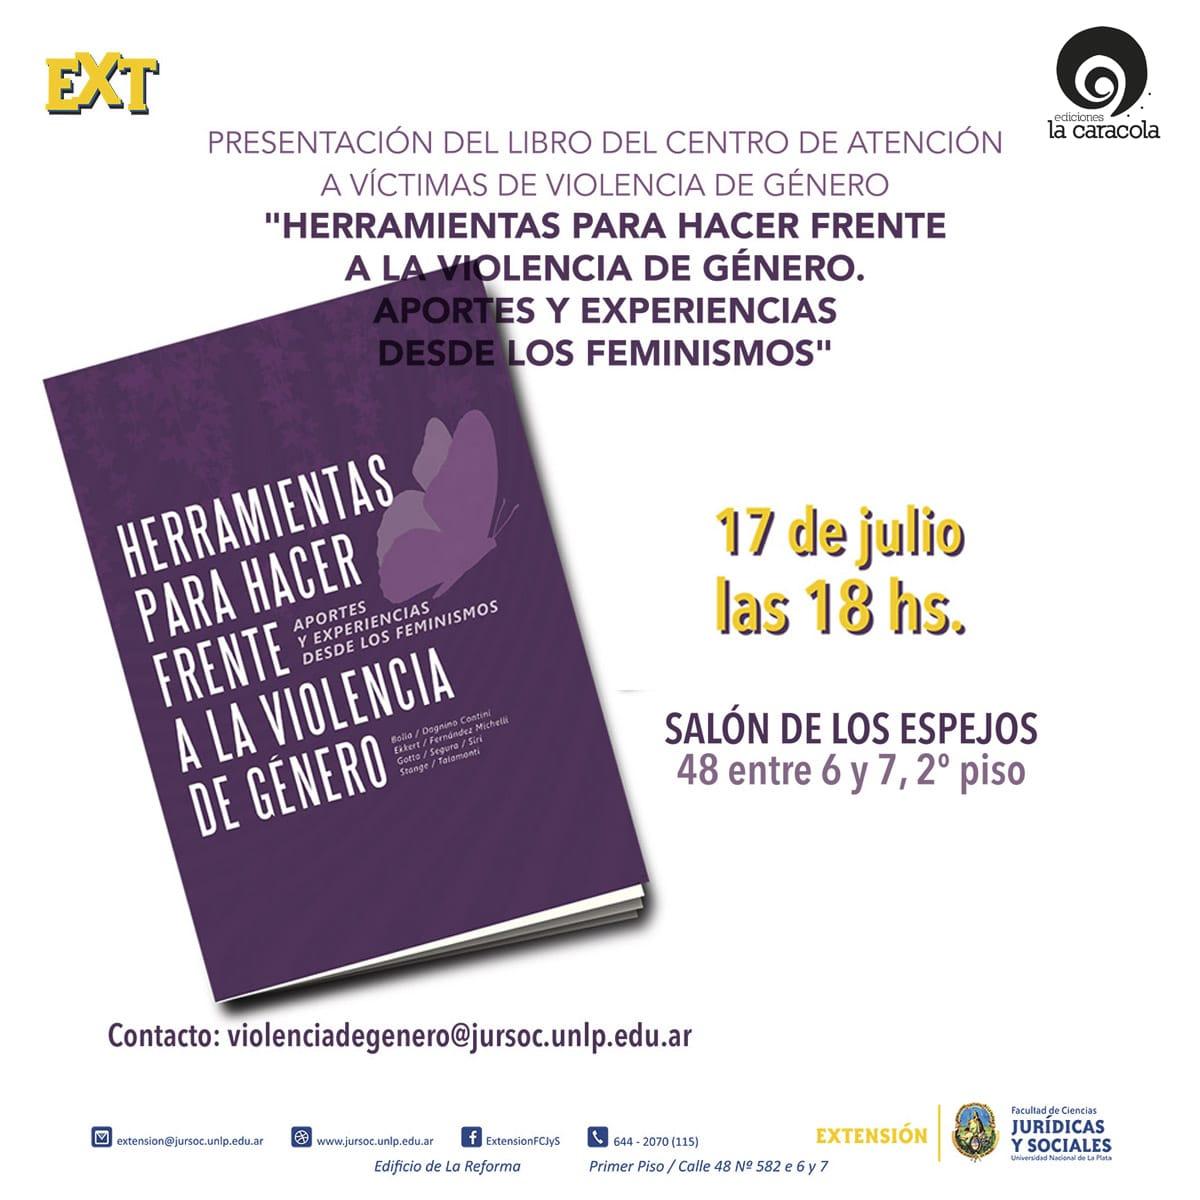 Se presenta un libro para intervenir frente a la violencia de género